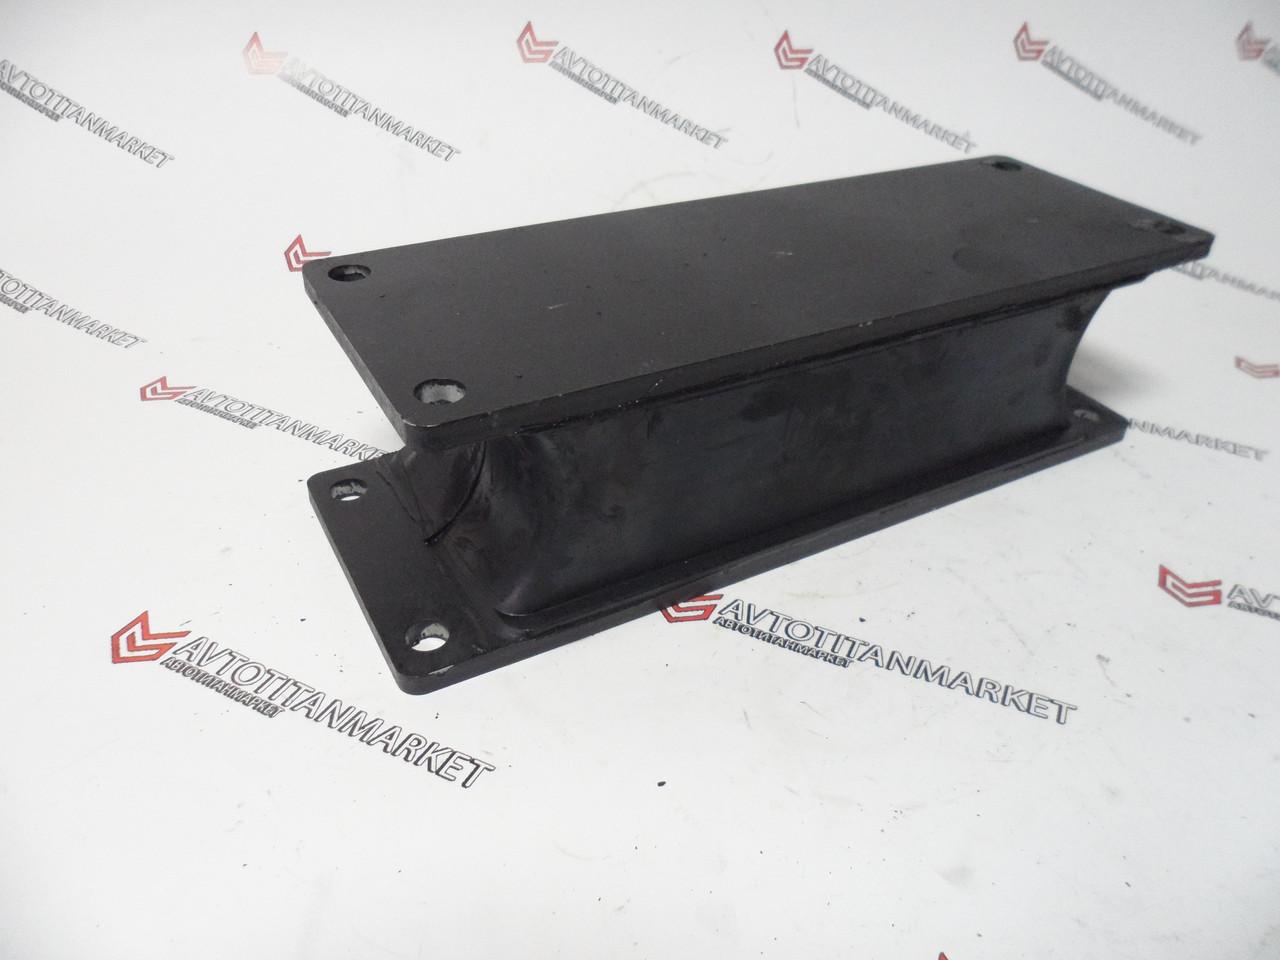 06180100, 06180100-03 Амортизатор (подушка) виброопора катка Bomag  BW212, BW213, BW214, BW217, BW6 300/100/80